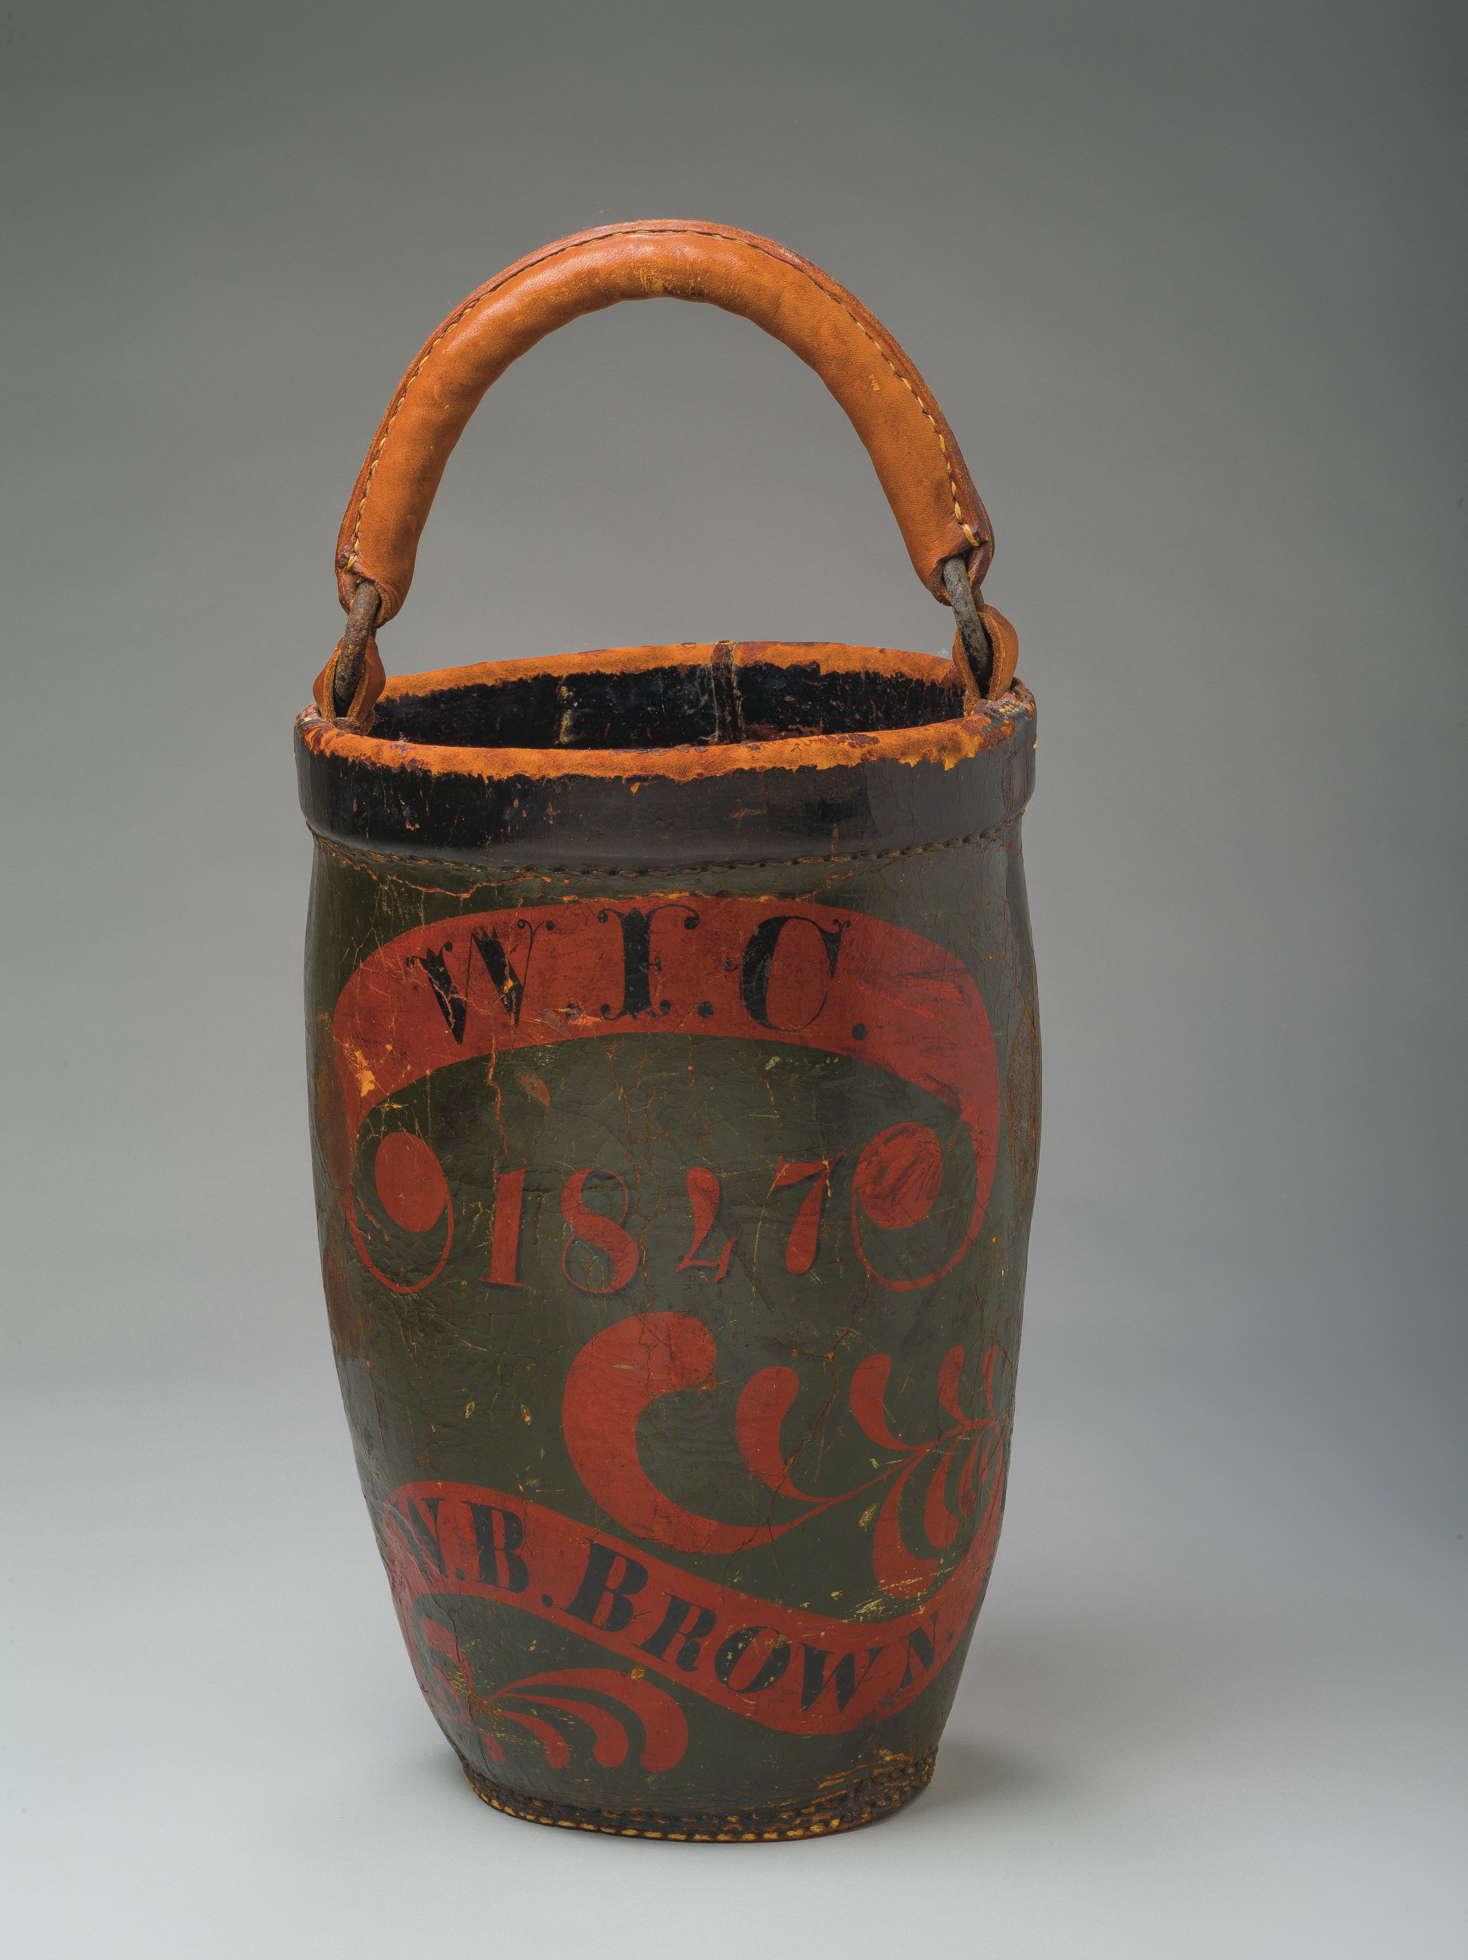 Massachusetts Leather Fire Bucket With Swing Handle